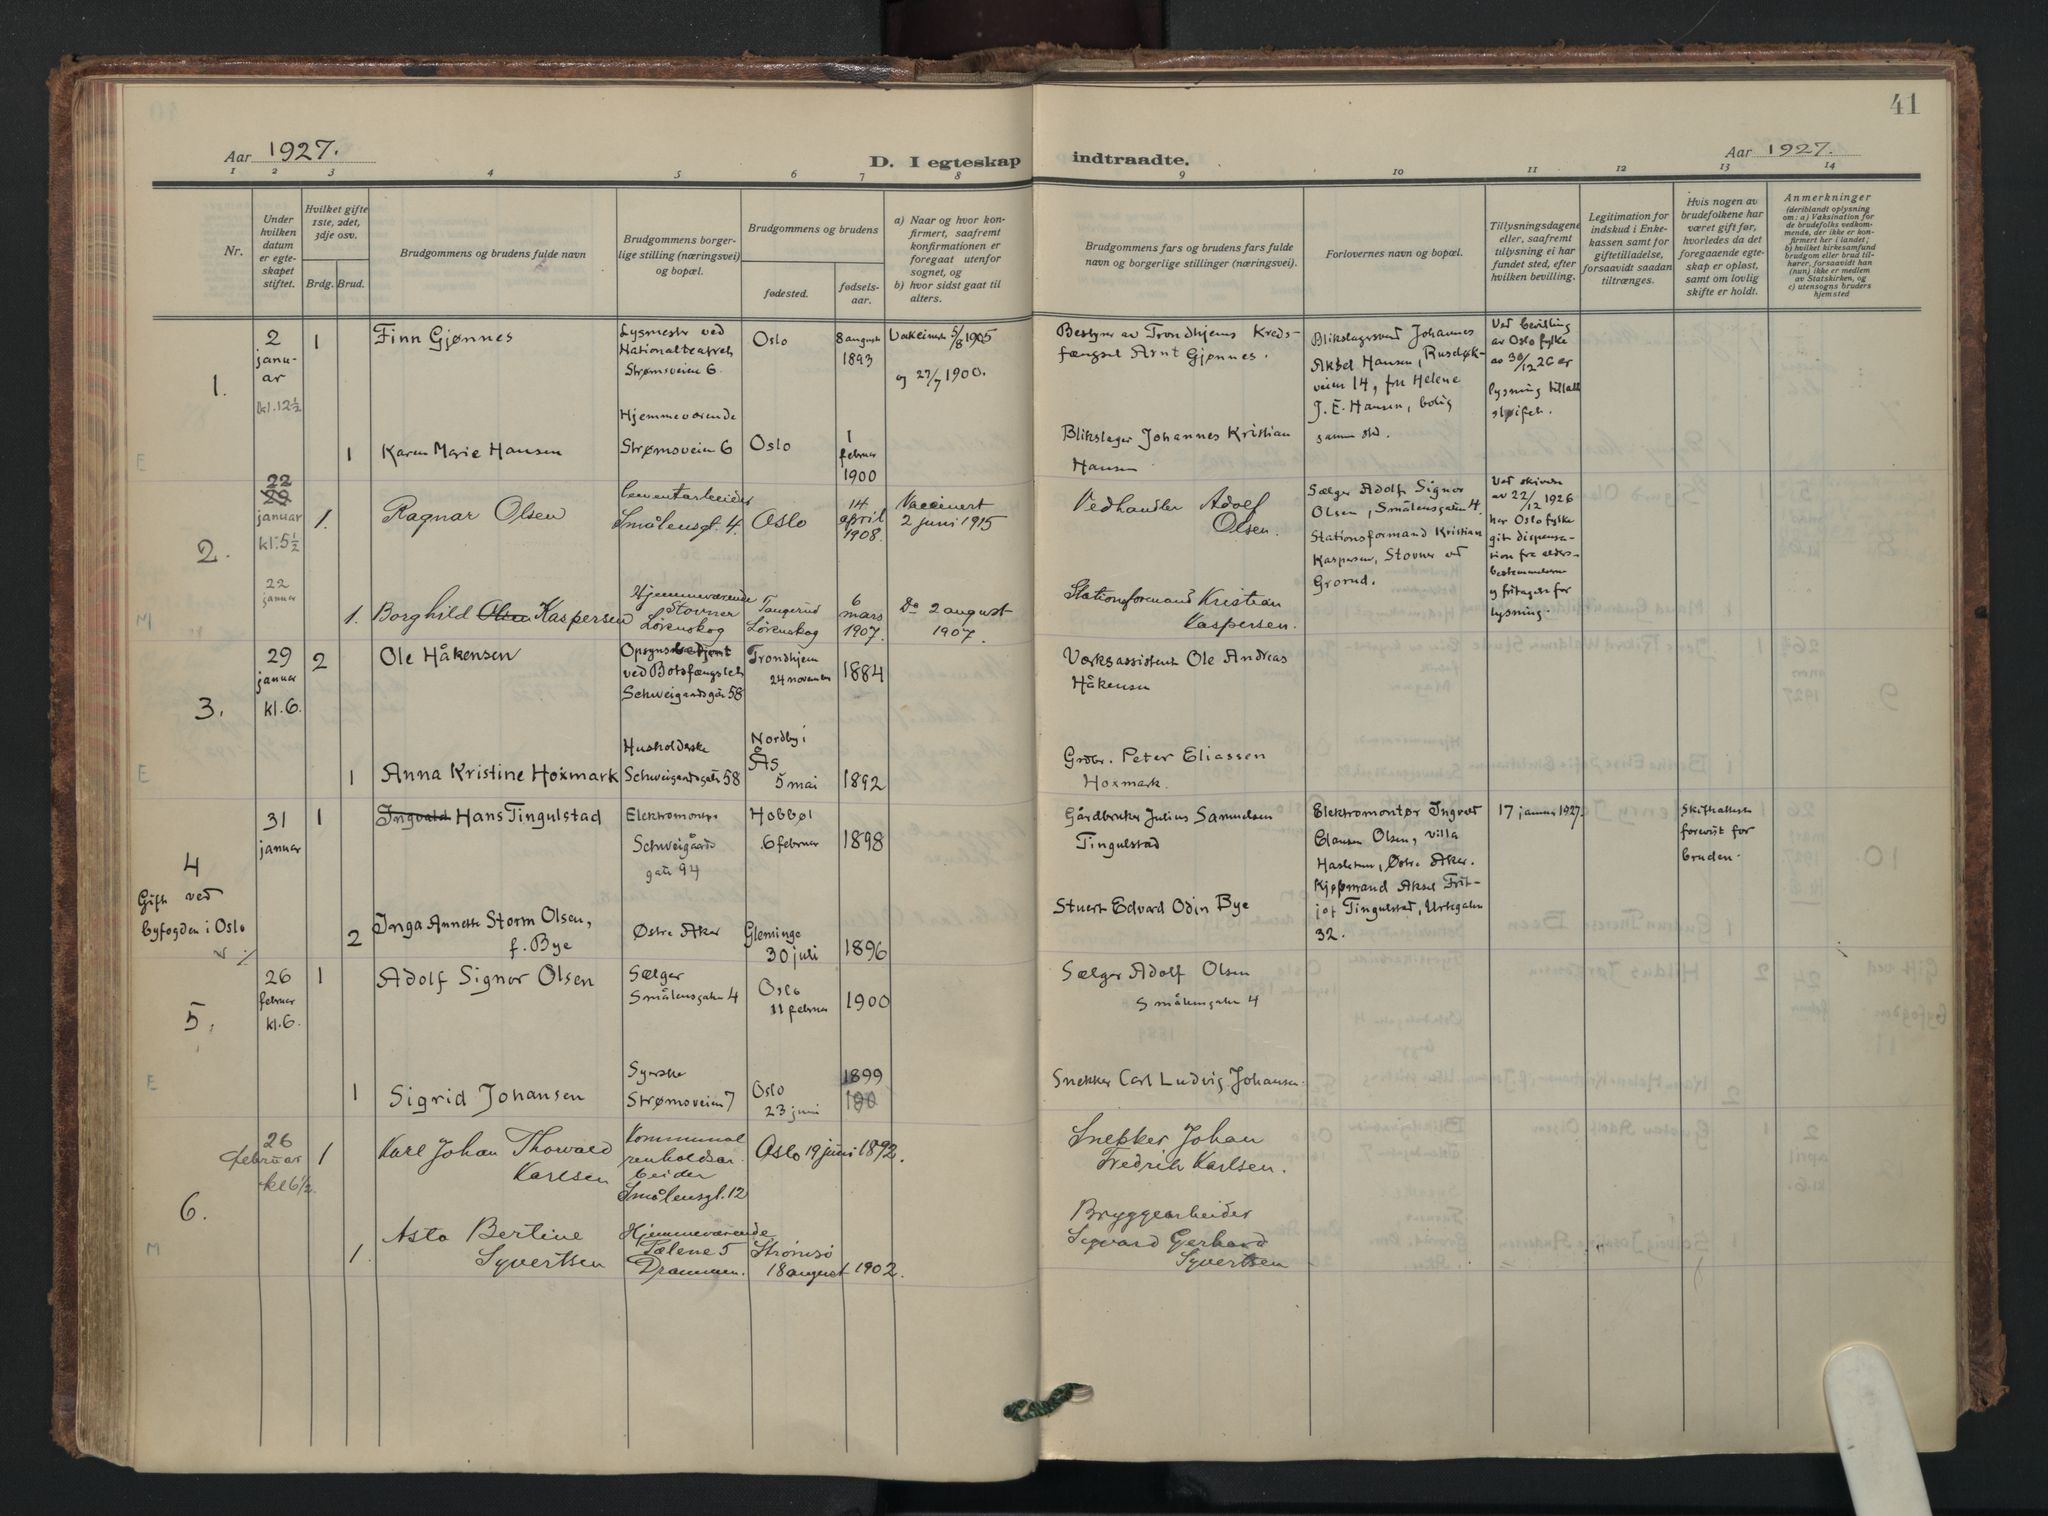 SAO, Vålerengen prestekontor Kirkebøker, F/Fa/L0005: Ministerialbok nr. 5, 1924-1936, s. 41